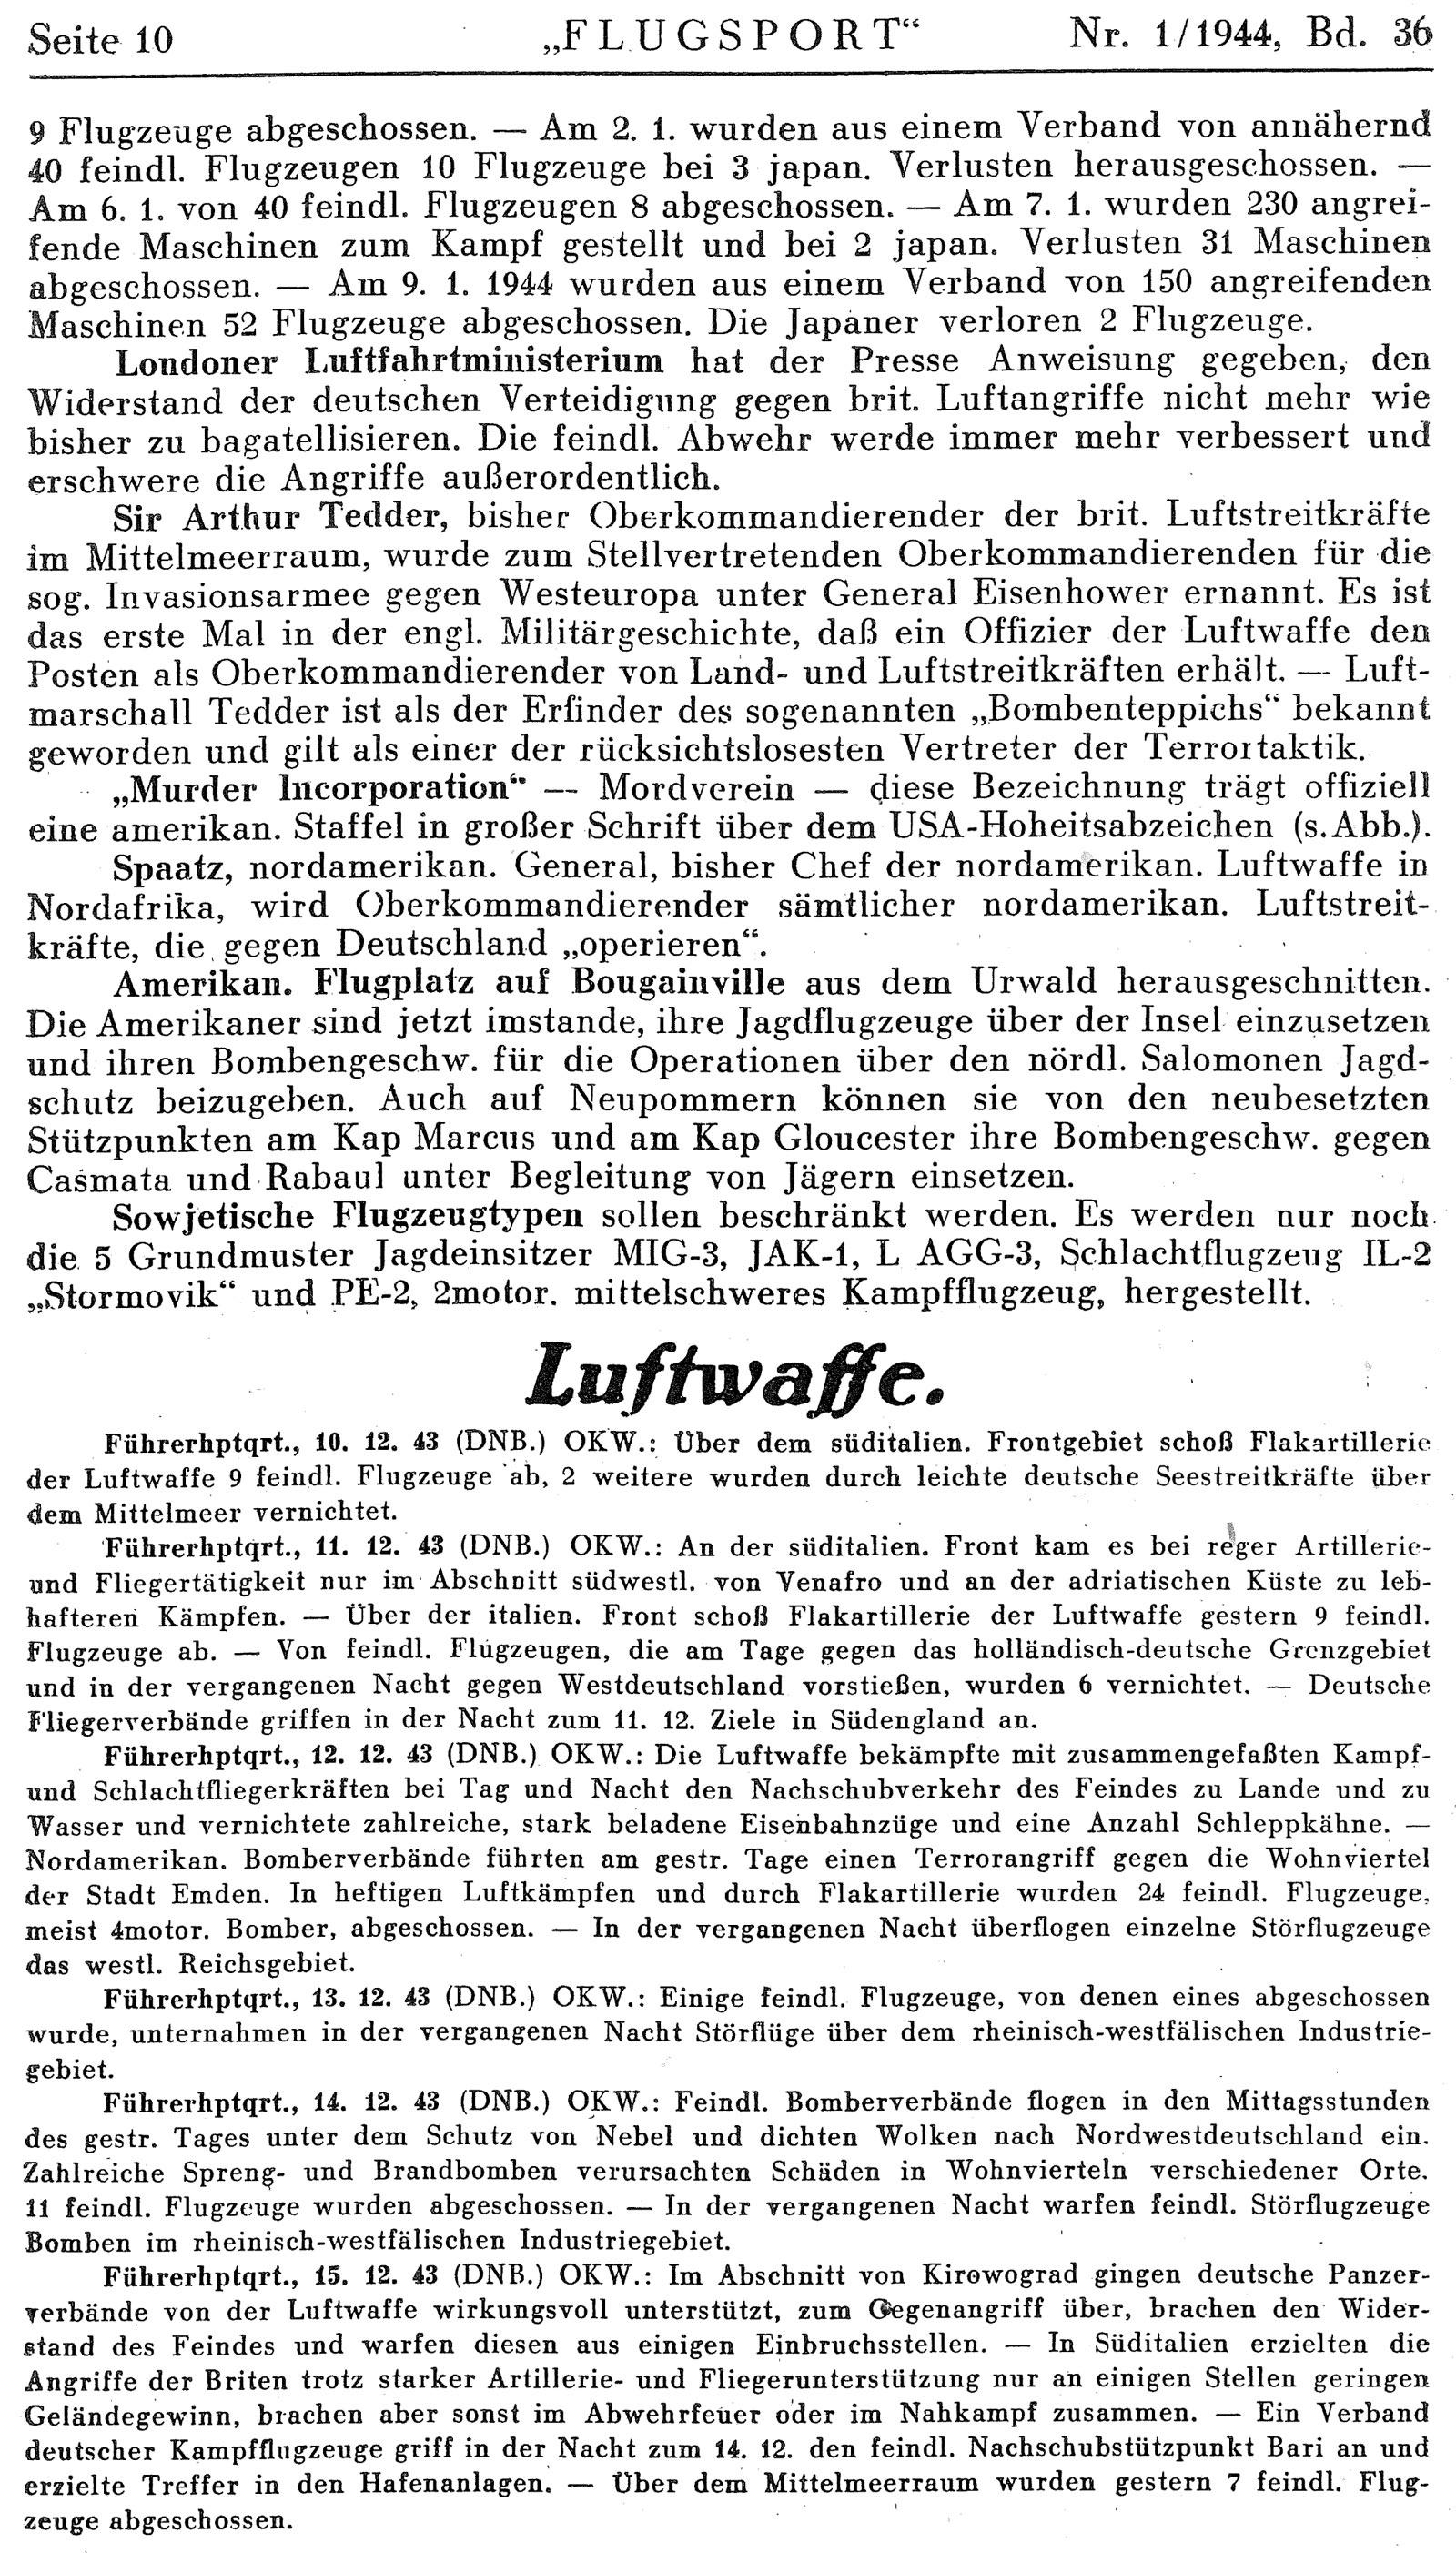 Berichte des Oberkommando der Luftwaffe (OKL)